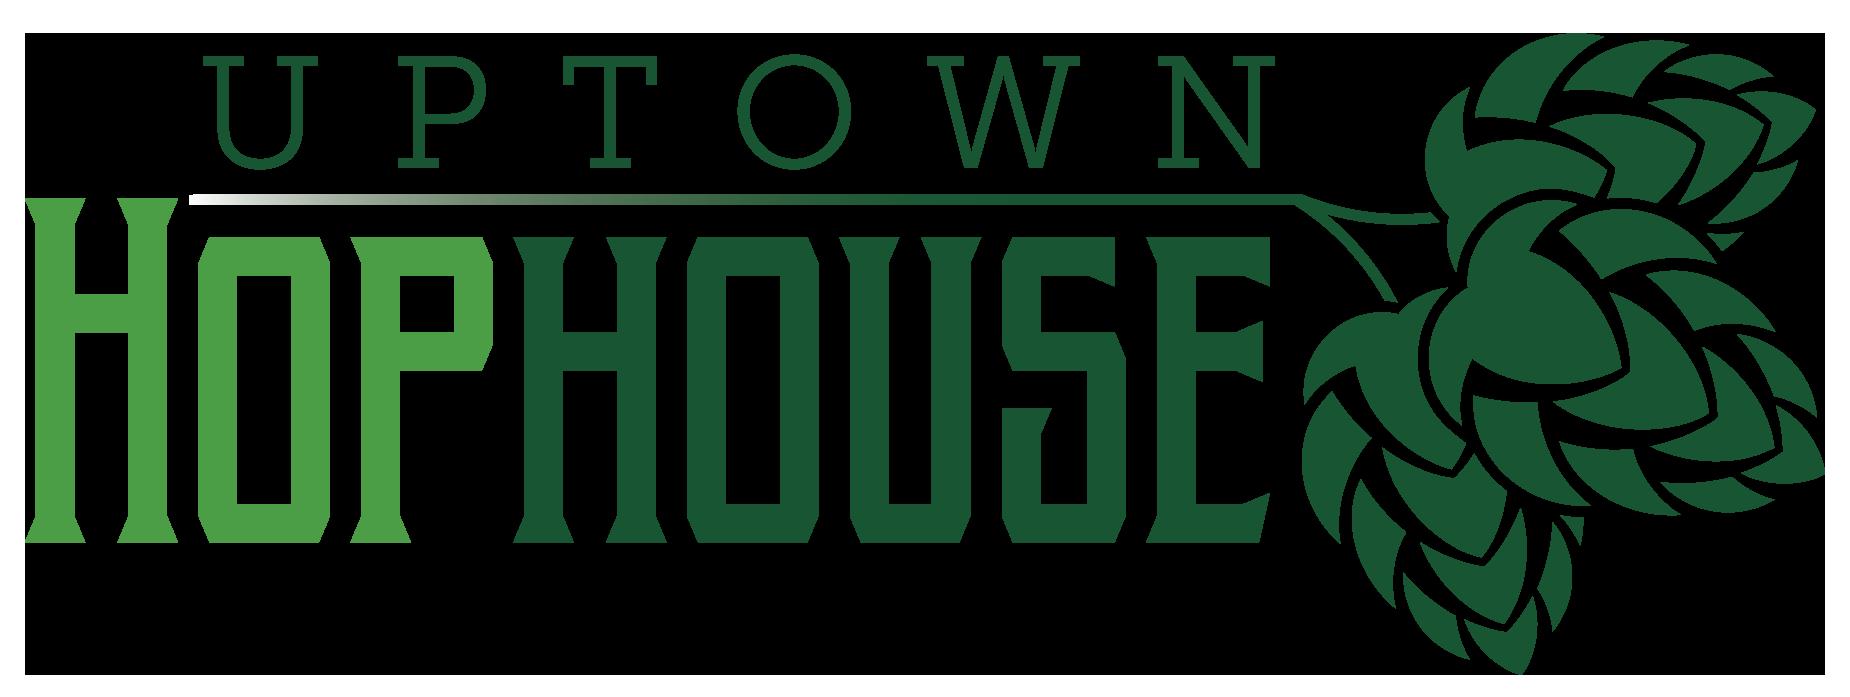 Hophouse logo